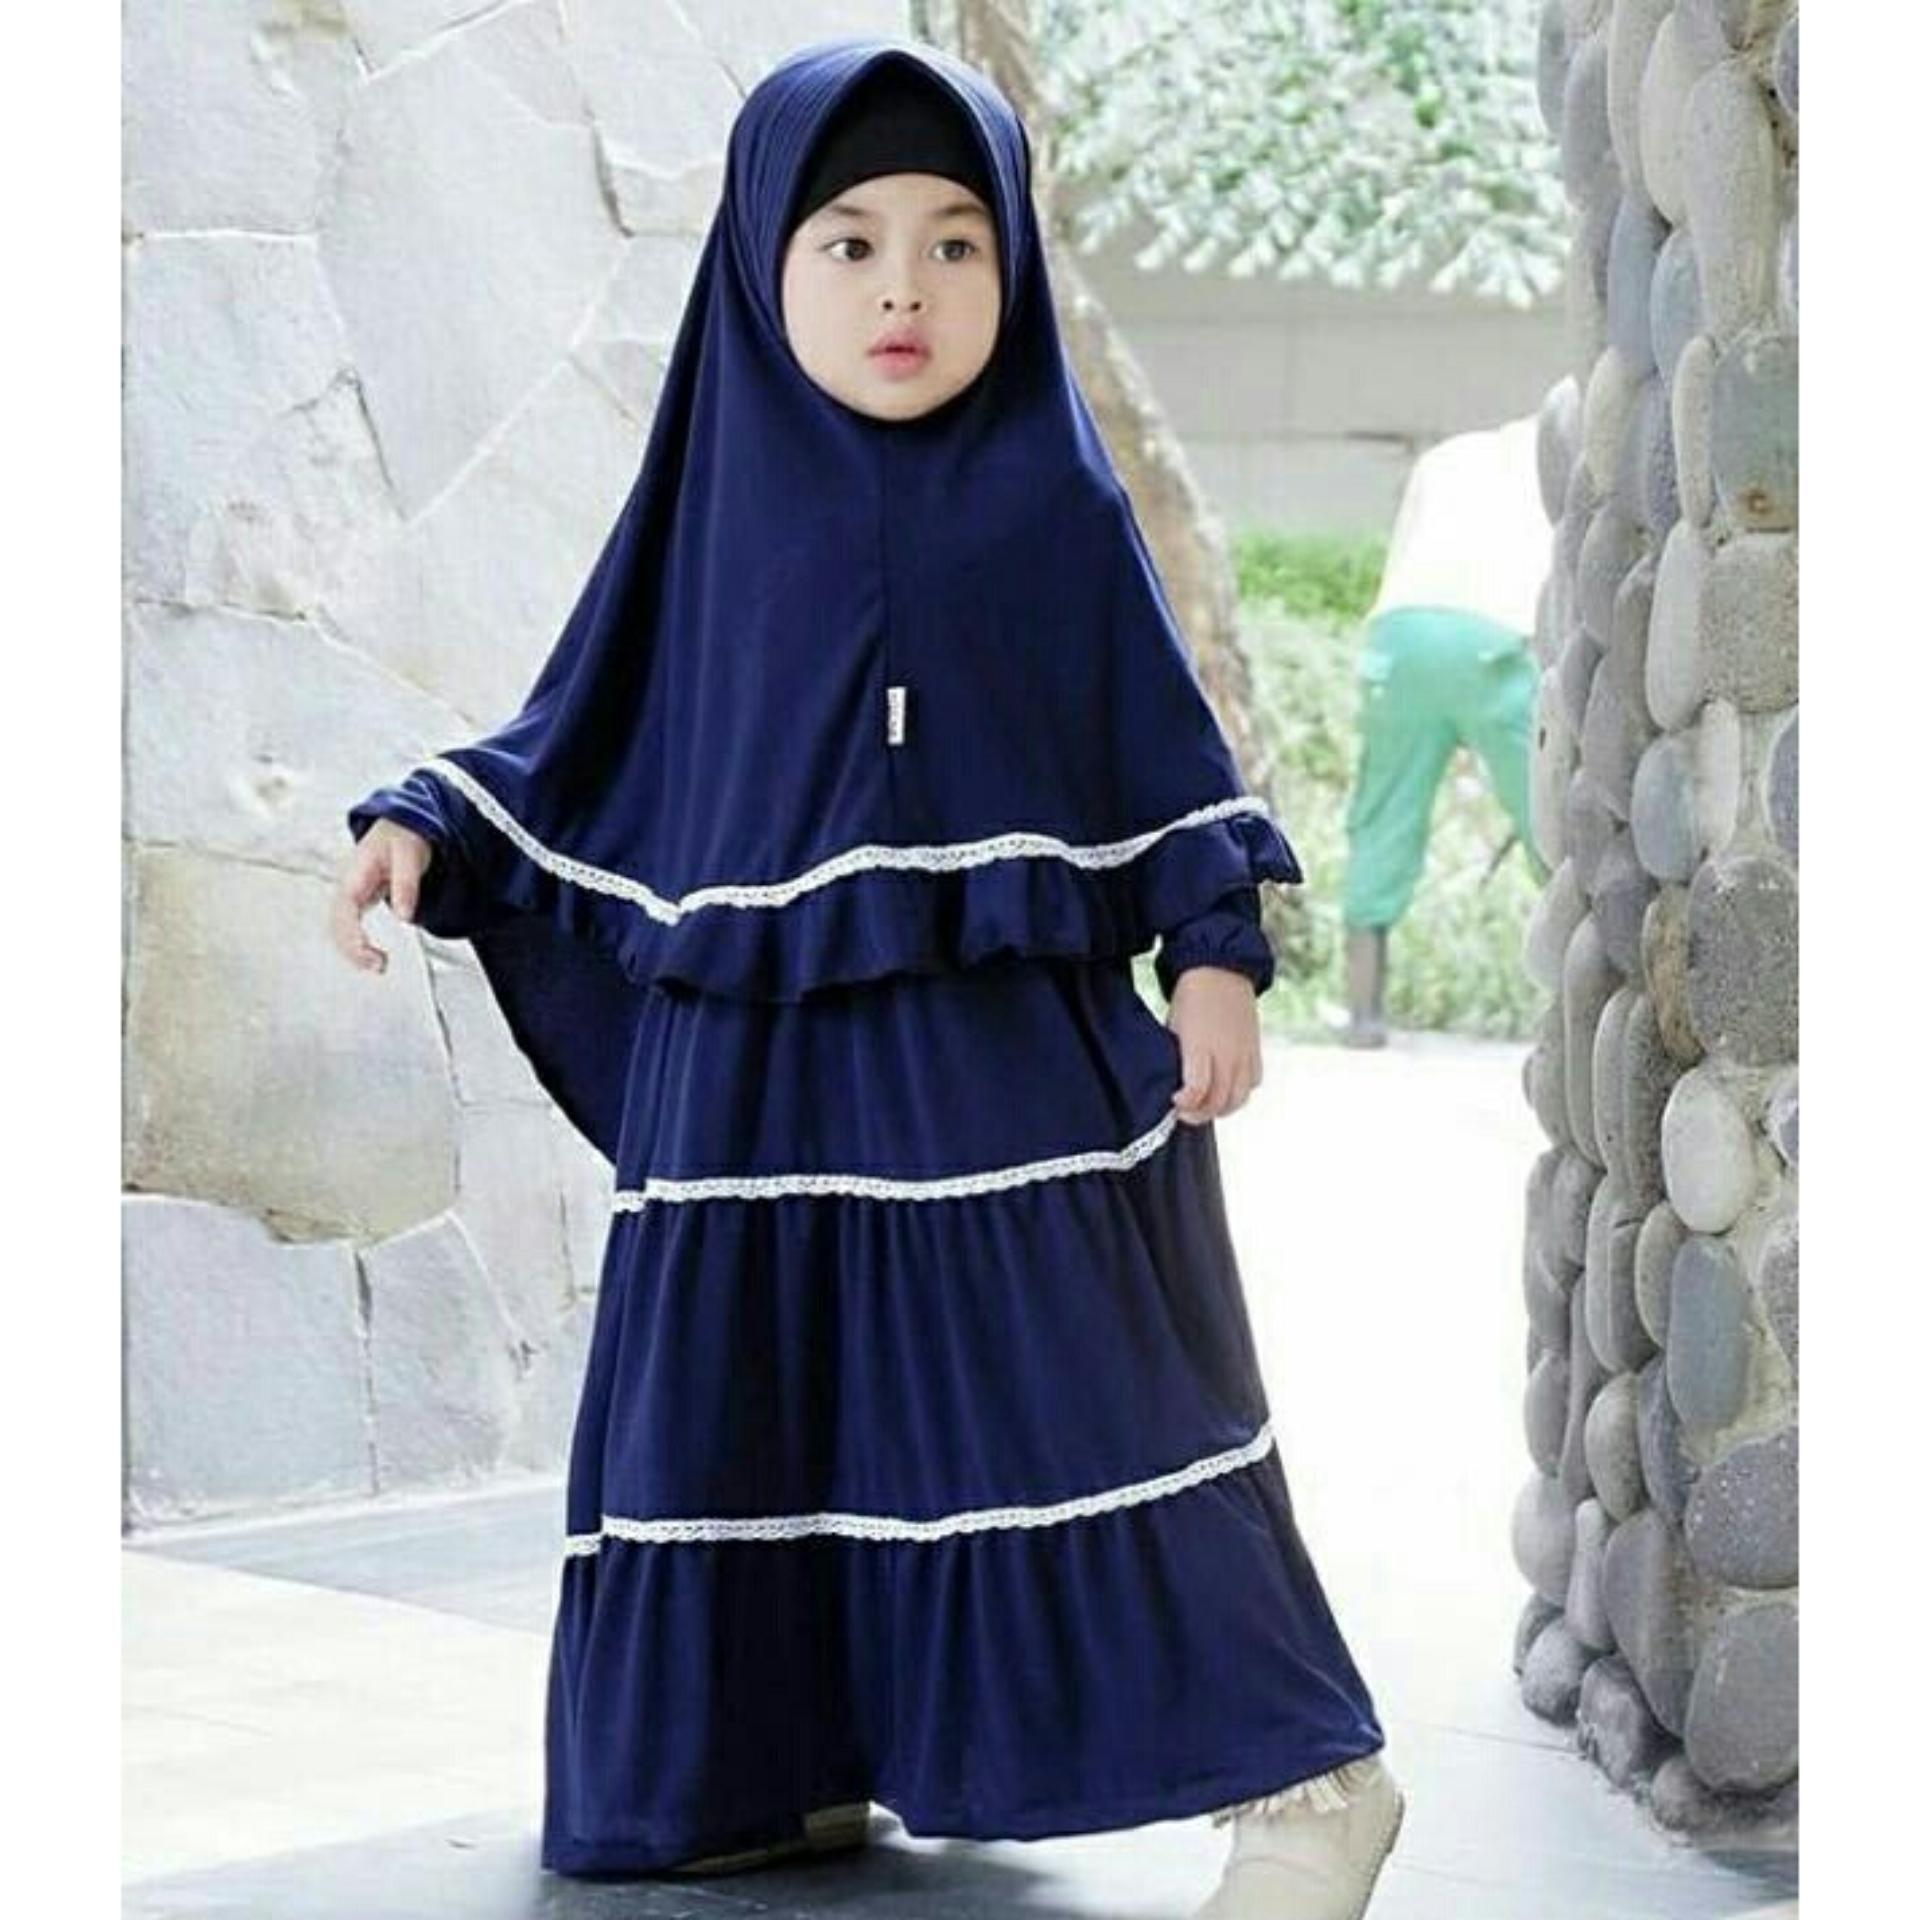 Beli Barang Pakaian Anak Perempuan Fashionable Gamis Kids Alini Online